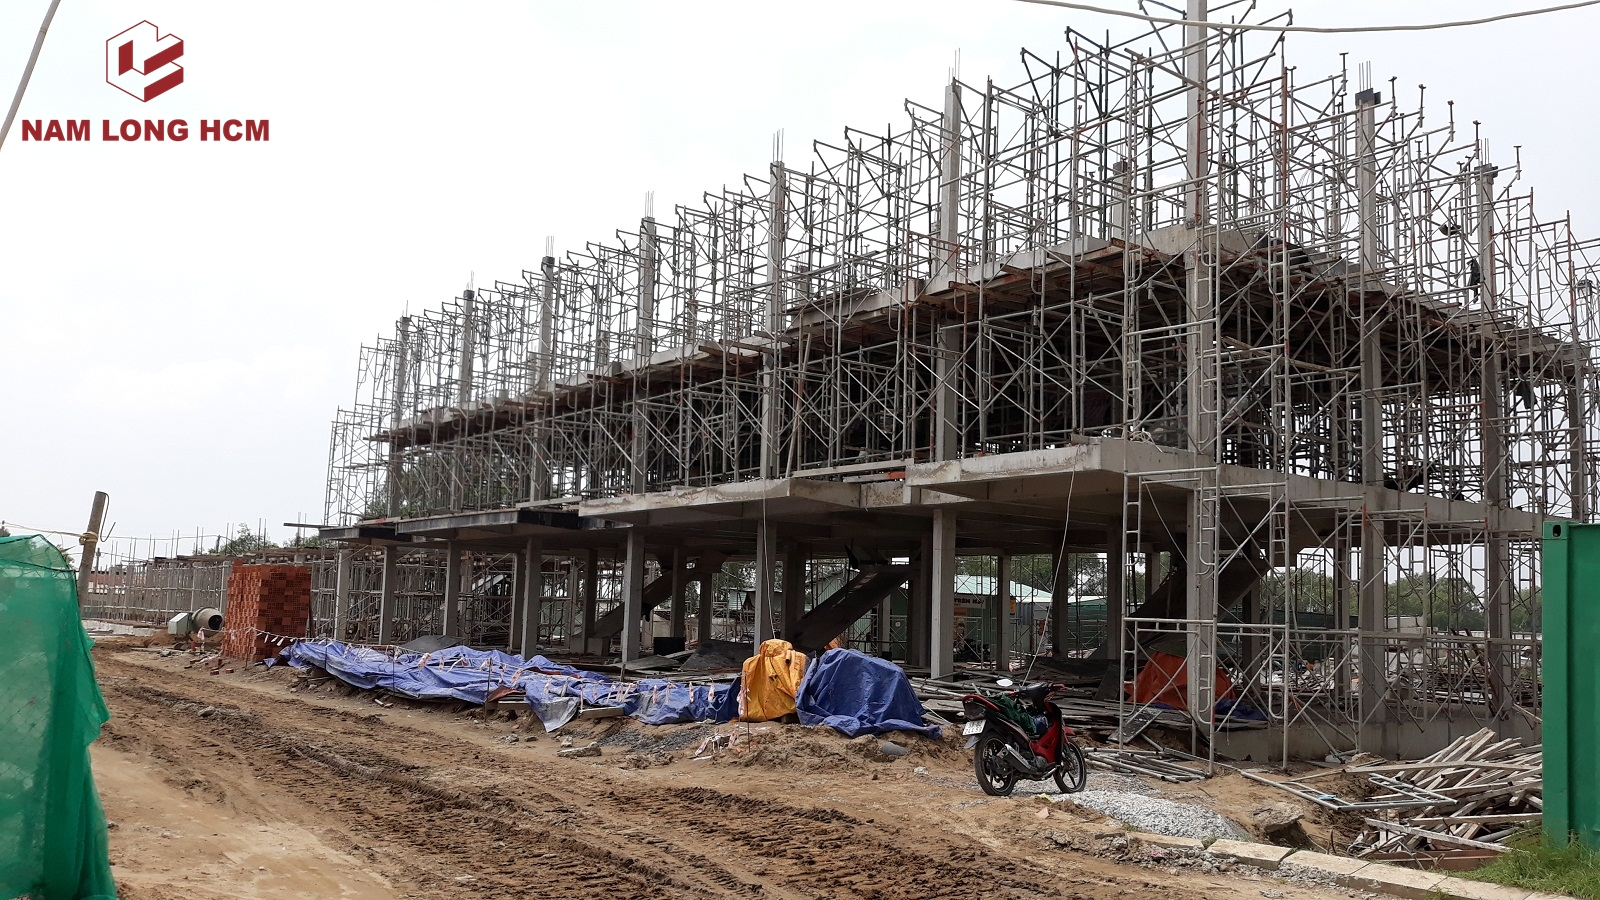 Tiến độ xây dựng dự án nhà phố Đảo Thiên Đường. Ảnh: Nam Long HCM